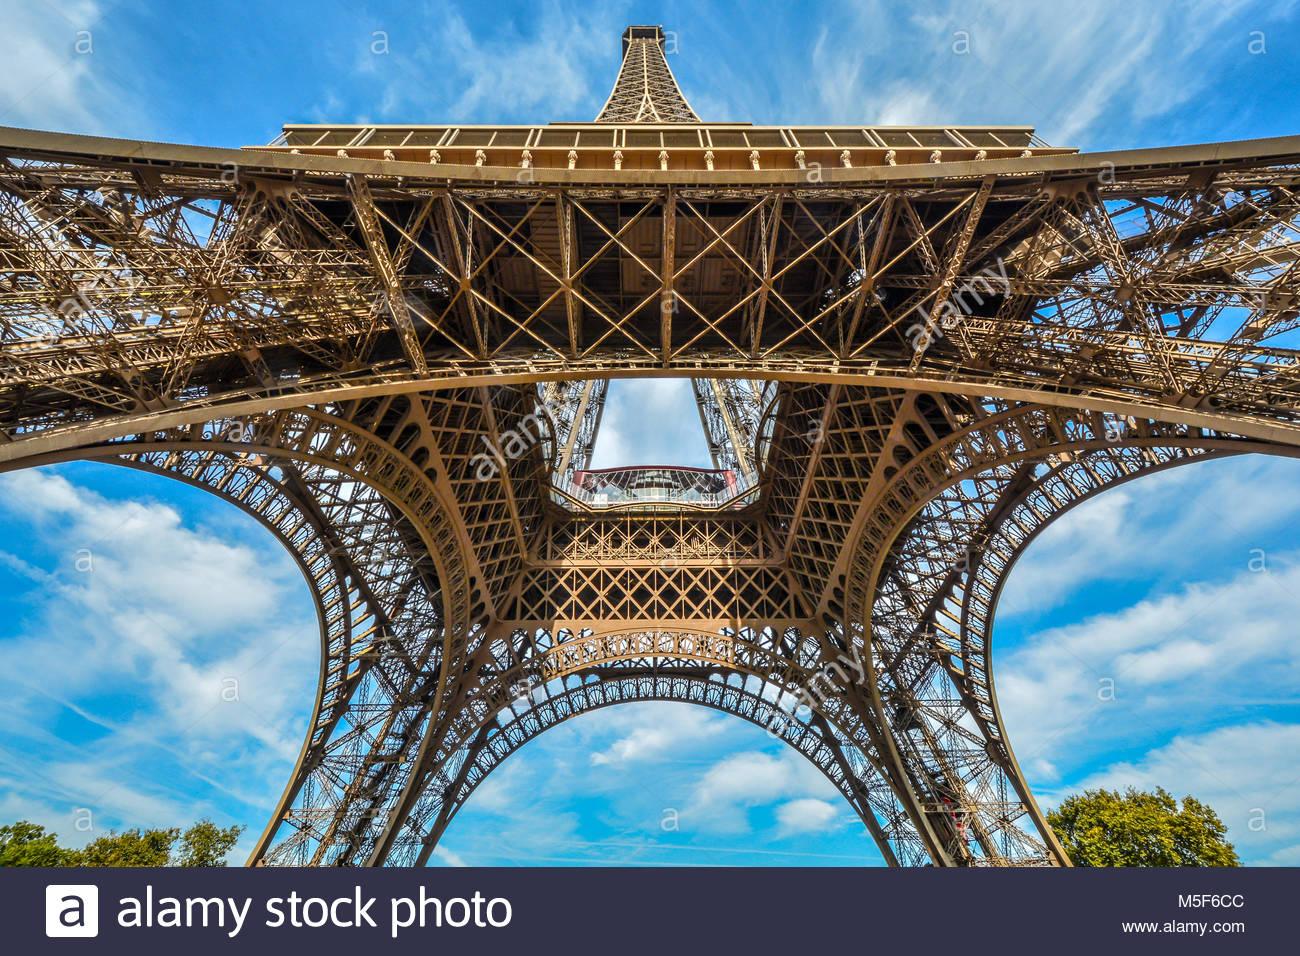 Anzeigen suchen unter dem Eiffelturm an einem sonnigen Tag mit Pulver blauer Himmel in Paris Frankreich Stockbild